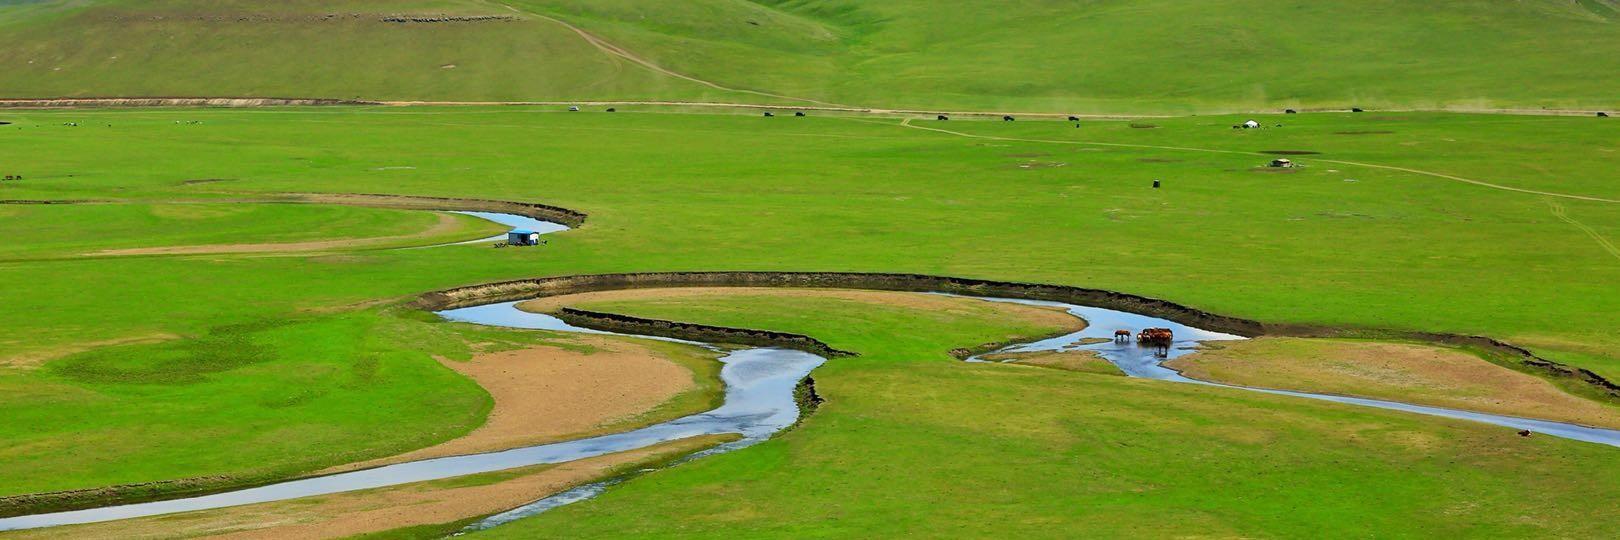 一个人的旅行,呼伦贝尔大草原《梦中天堂》涌入呼伦贝尔大草原的怀抱,内蒙古旅游yabo88亚博官网